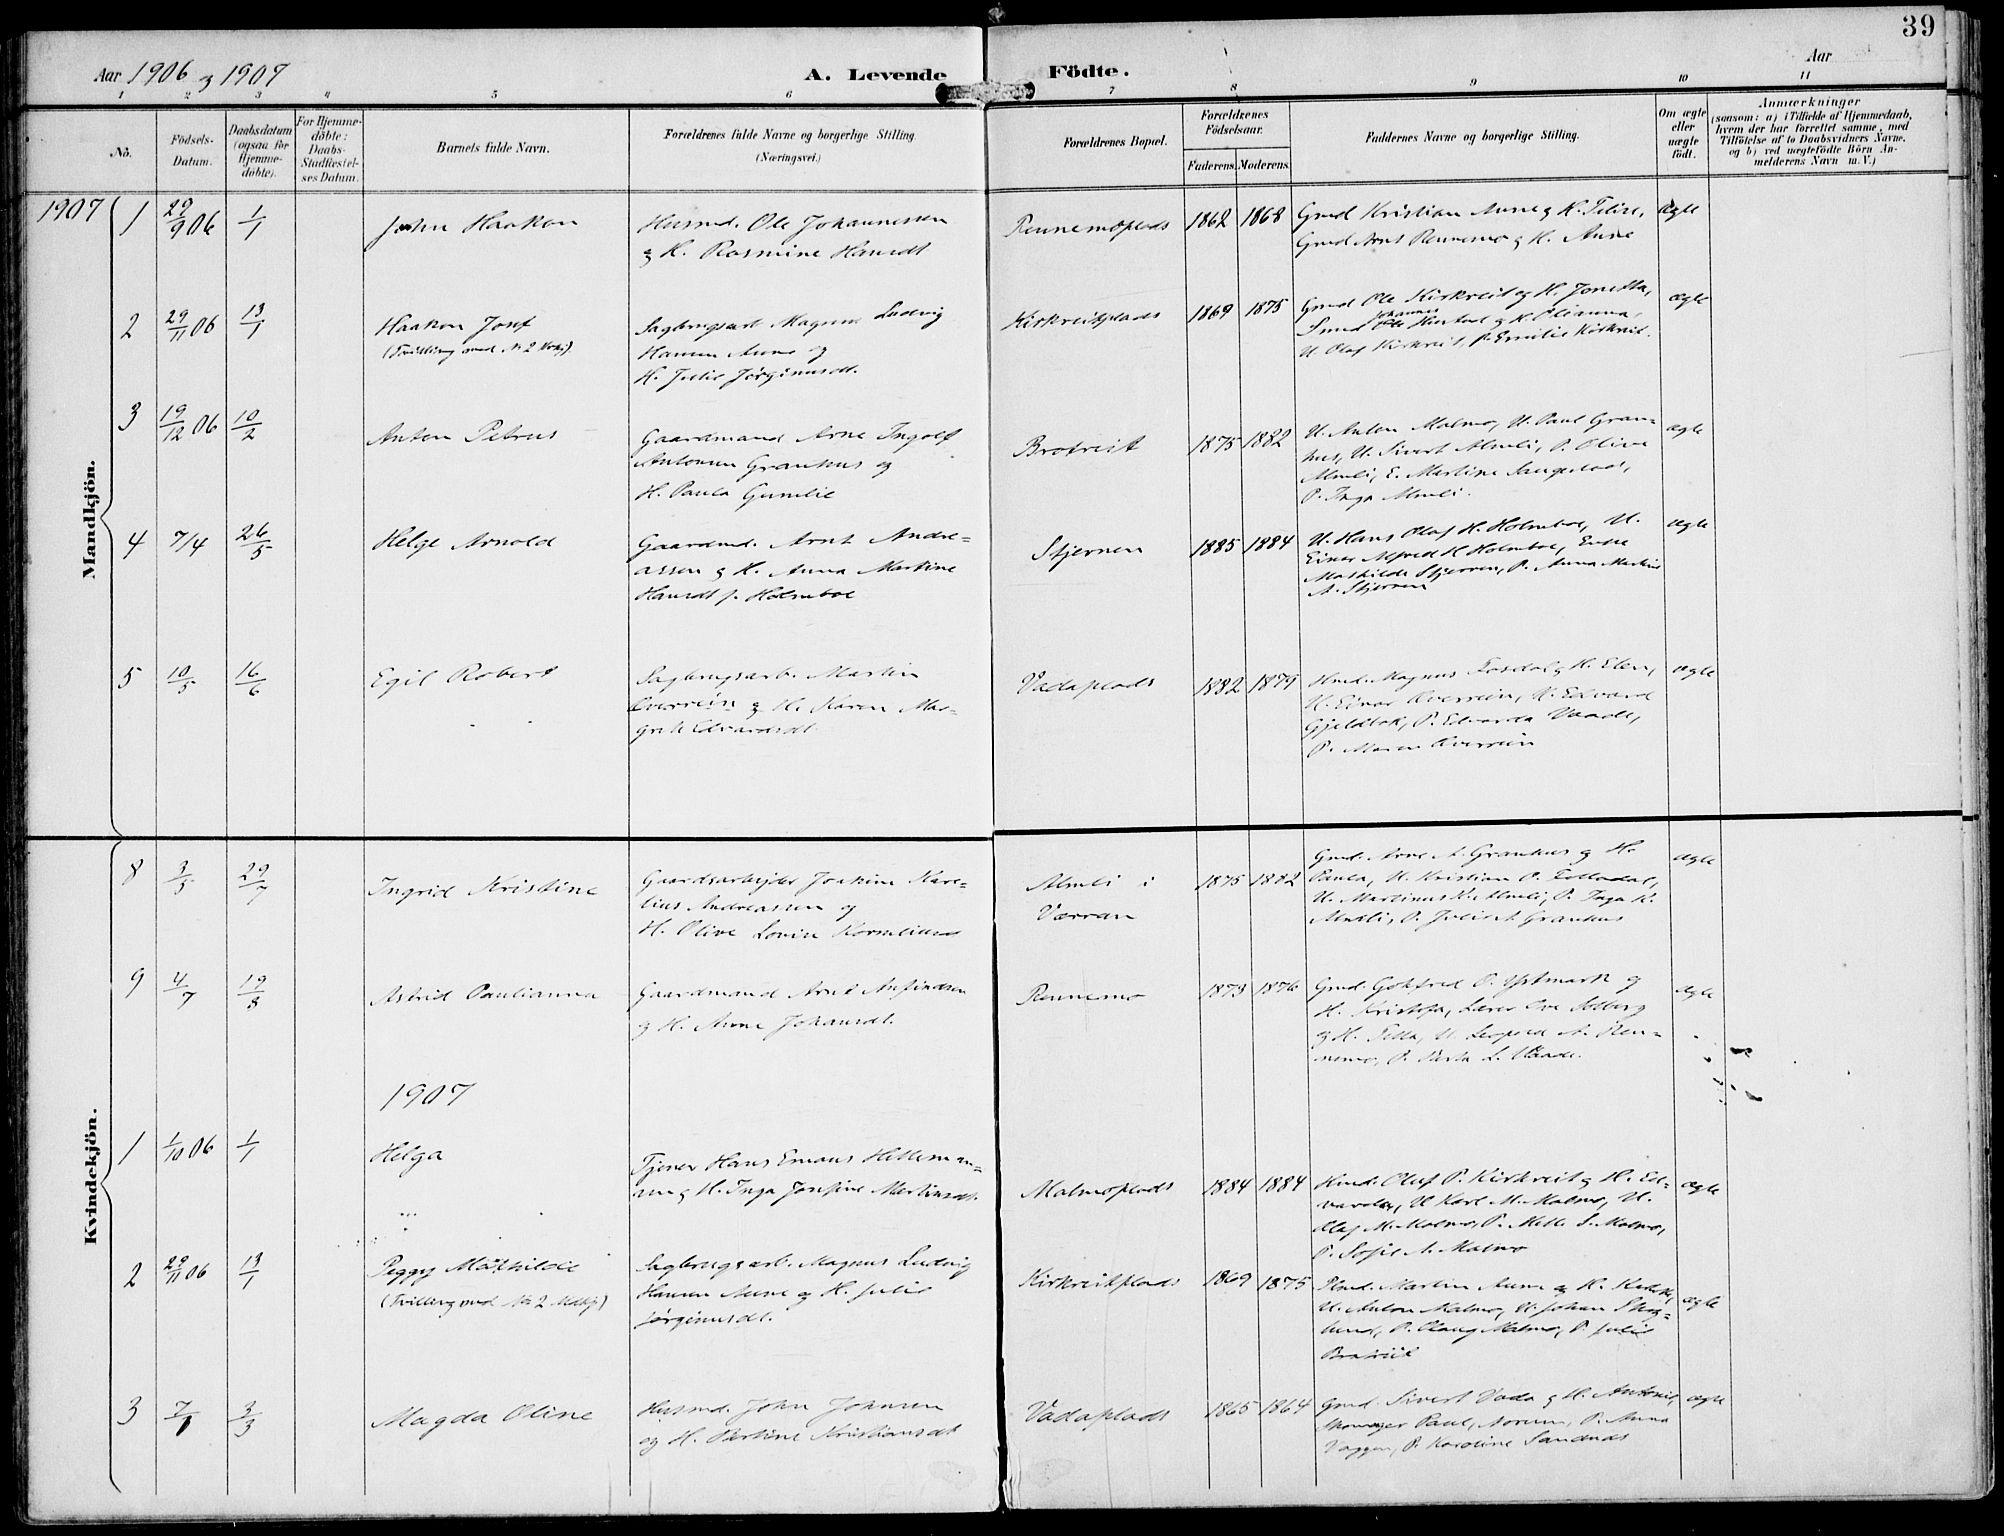 SAT, Ministerialprotokoller, klokkerbøker og fødselsregistre - Nord-Trøndelag, 745/L0430: Ministerialbok nr. 745A02, 1895-1913, s. 39